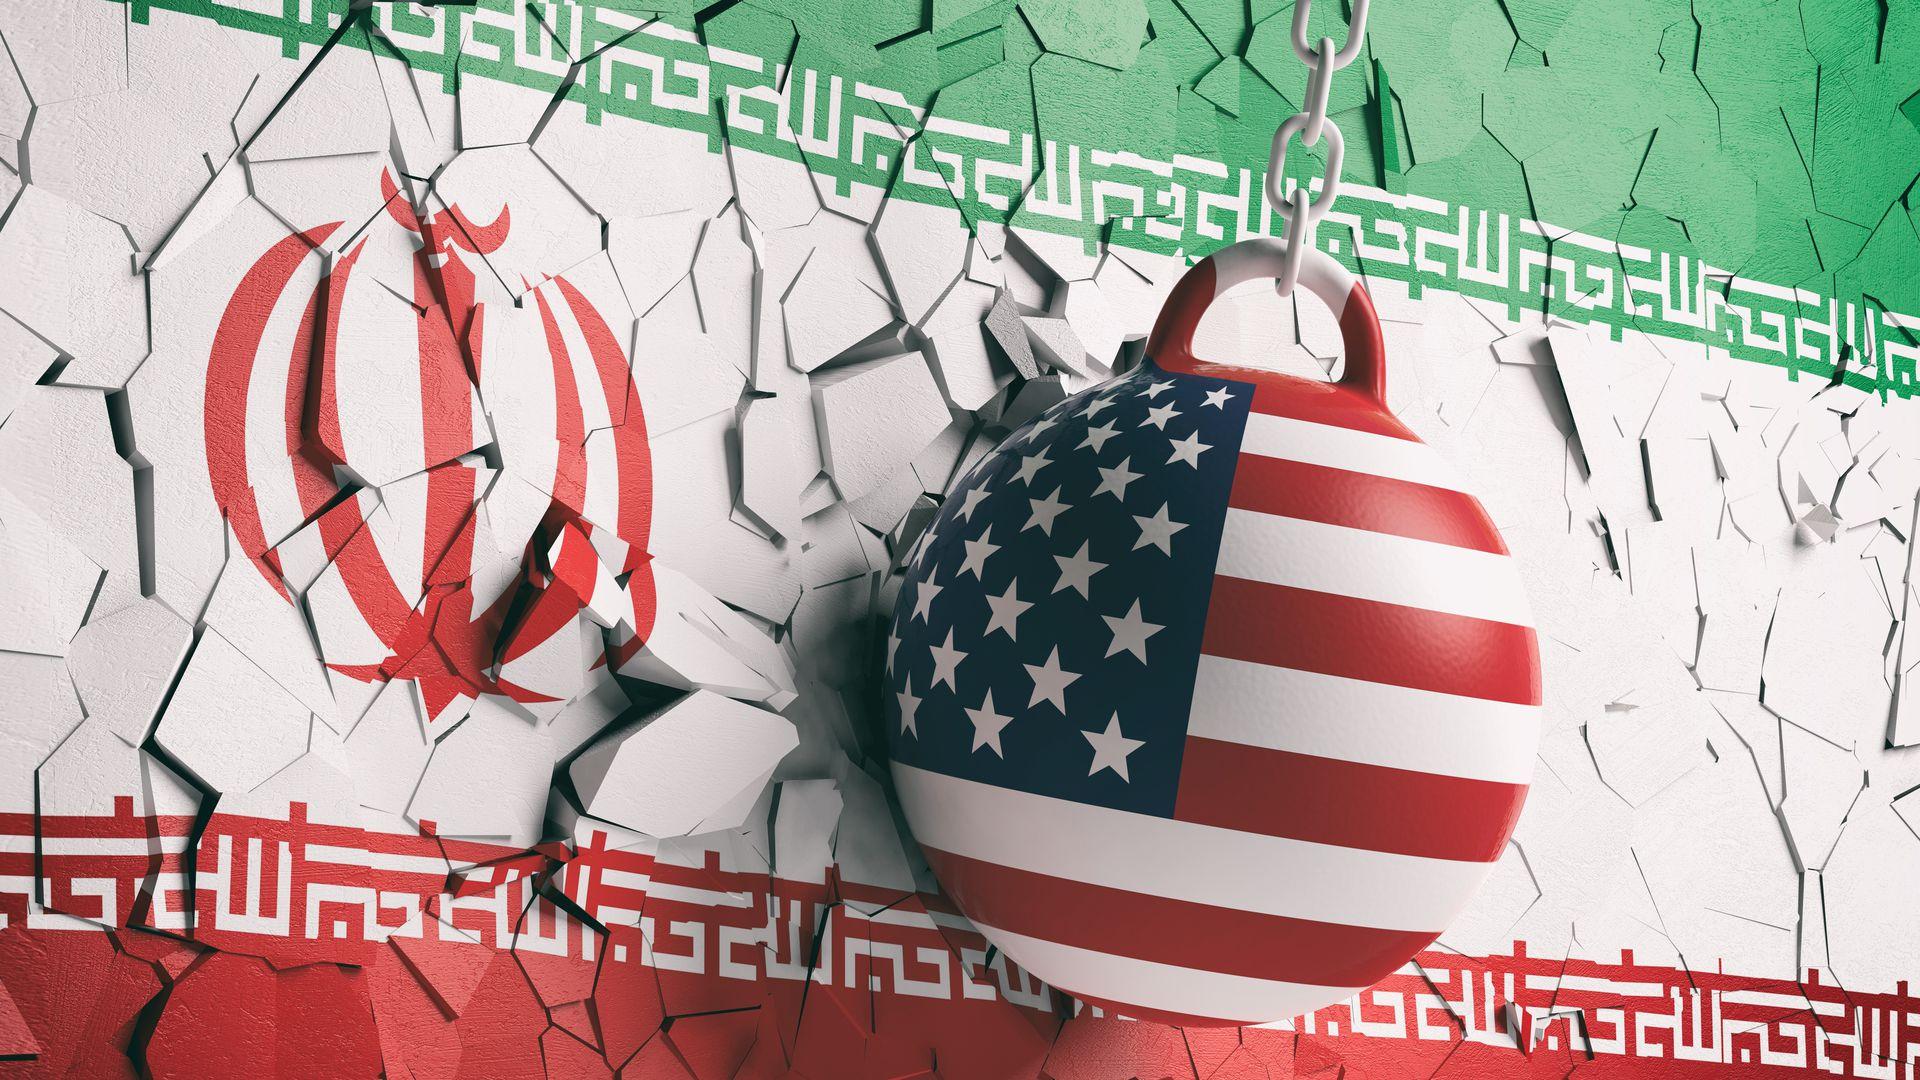 لیست 8 شرکت جدید ایرانی تحریم شده توسط امریکا